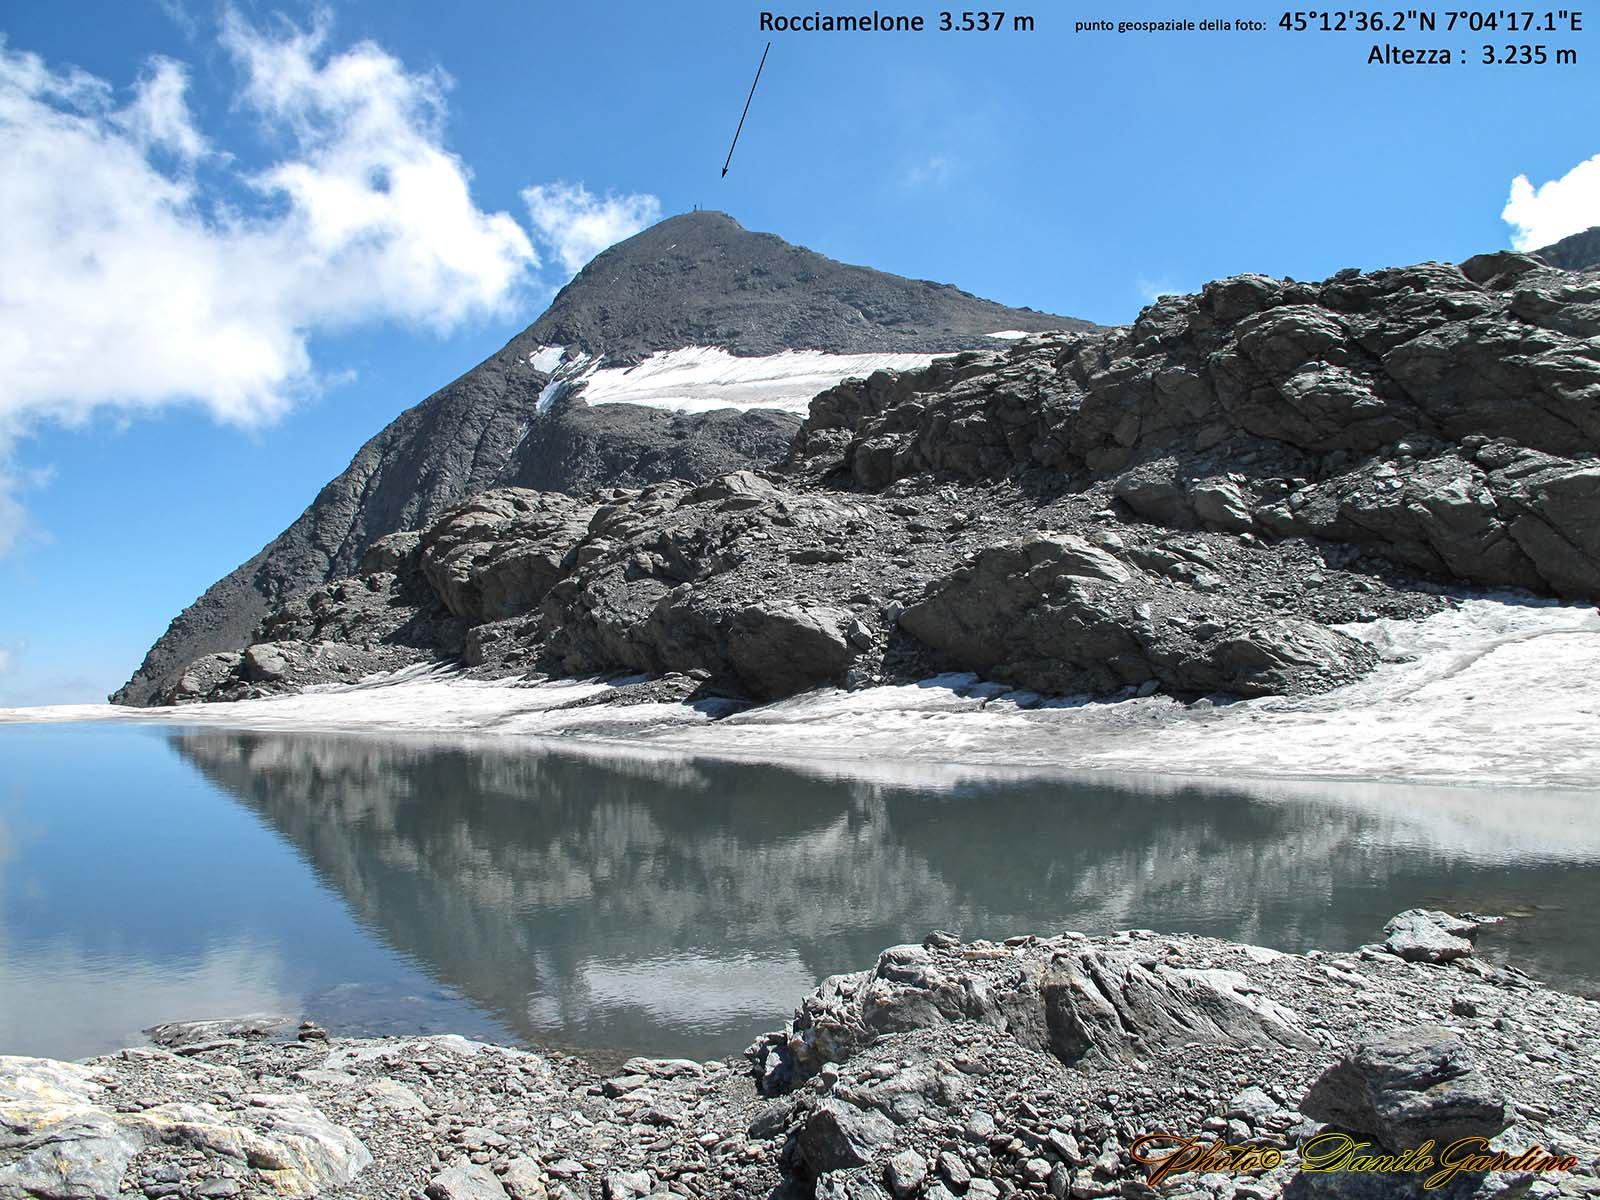 Dal ghiacciaio il Rocciamelone